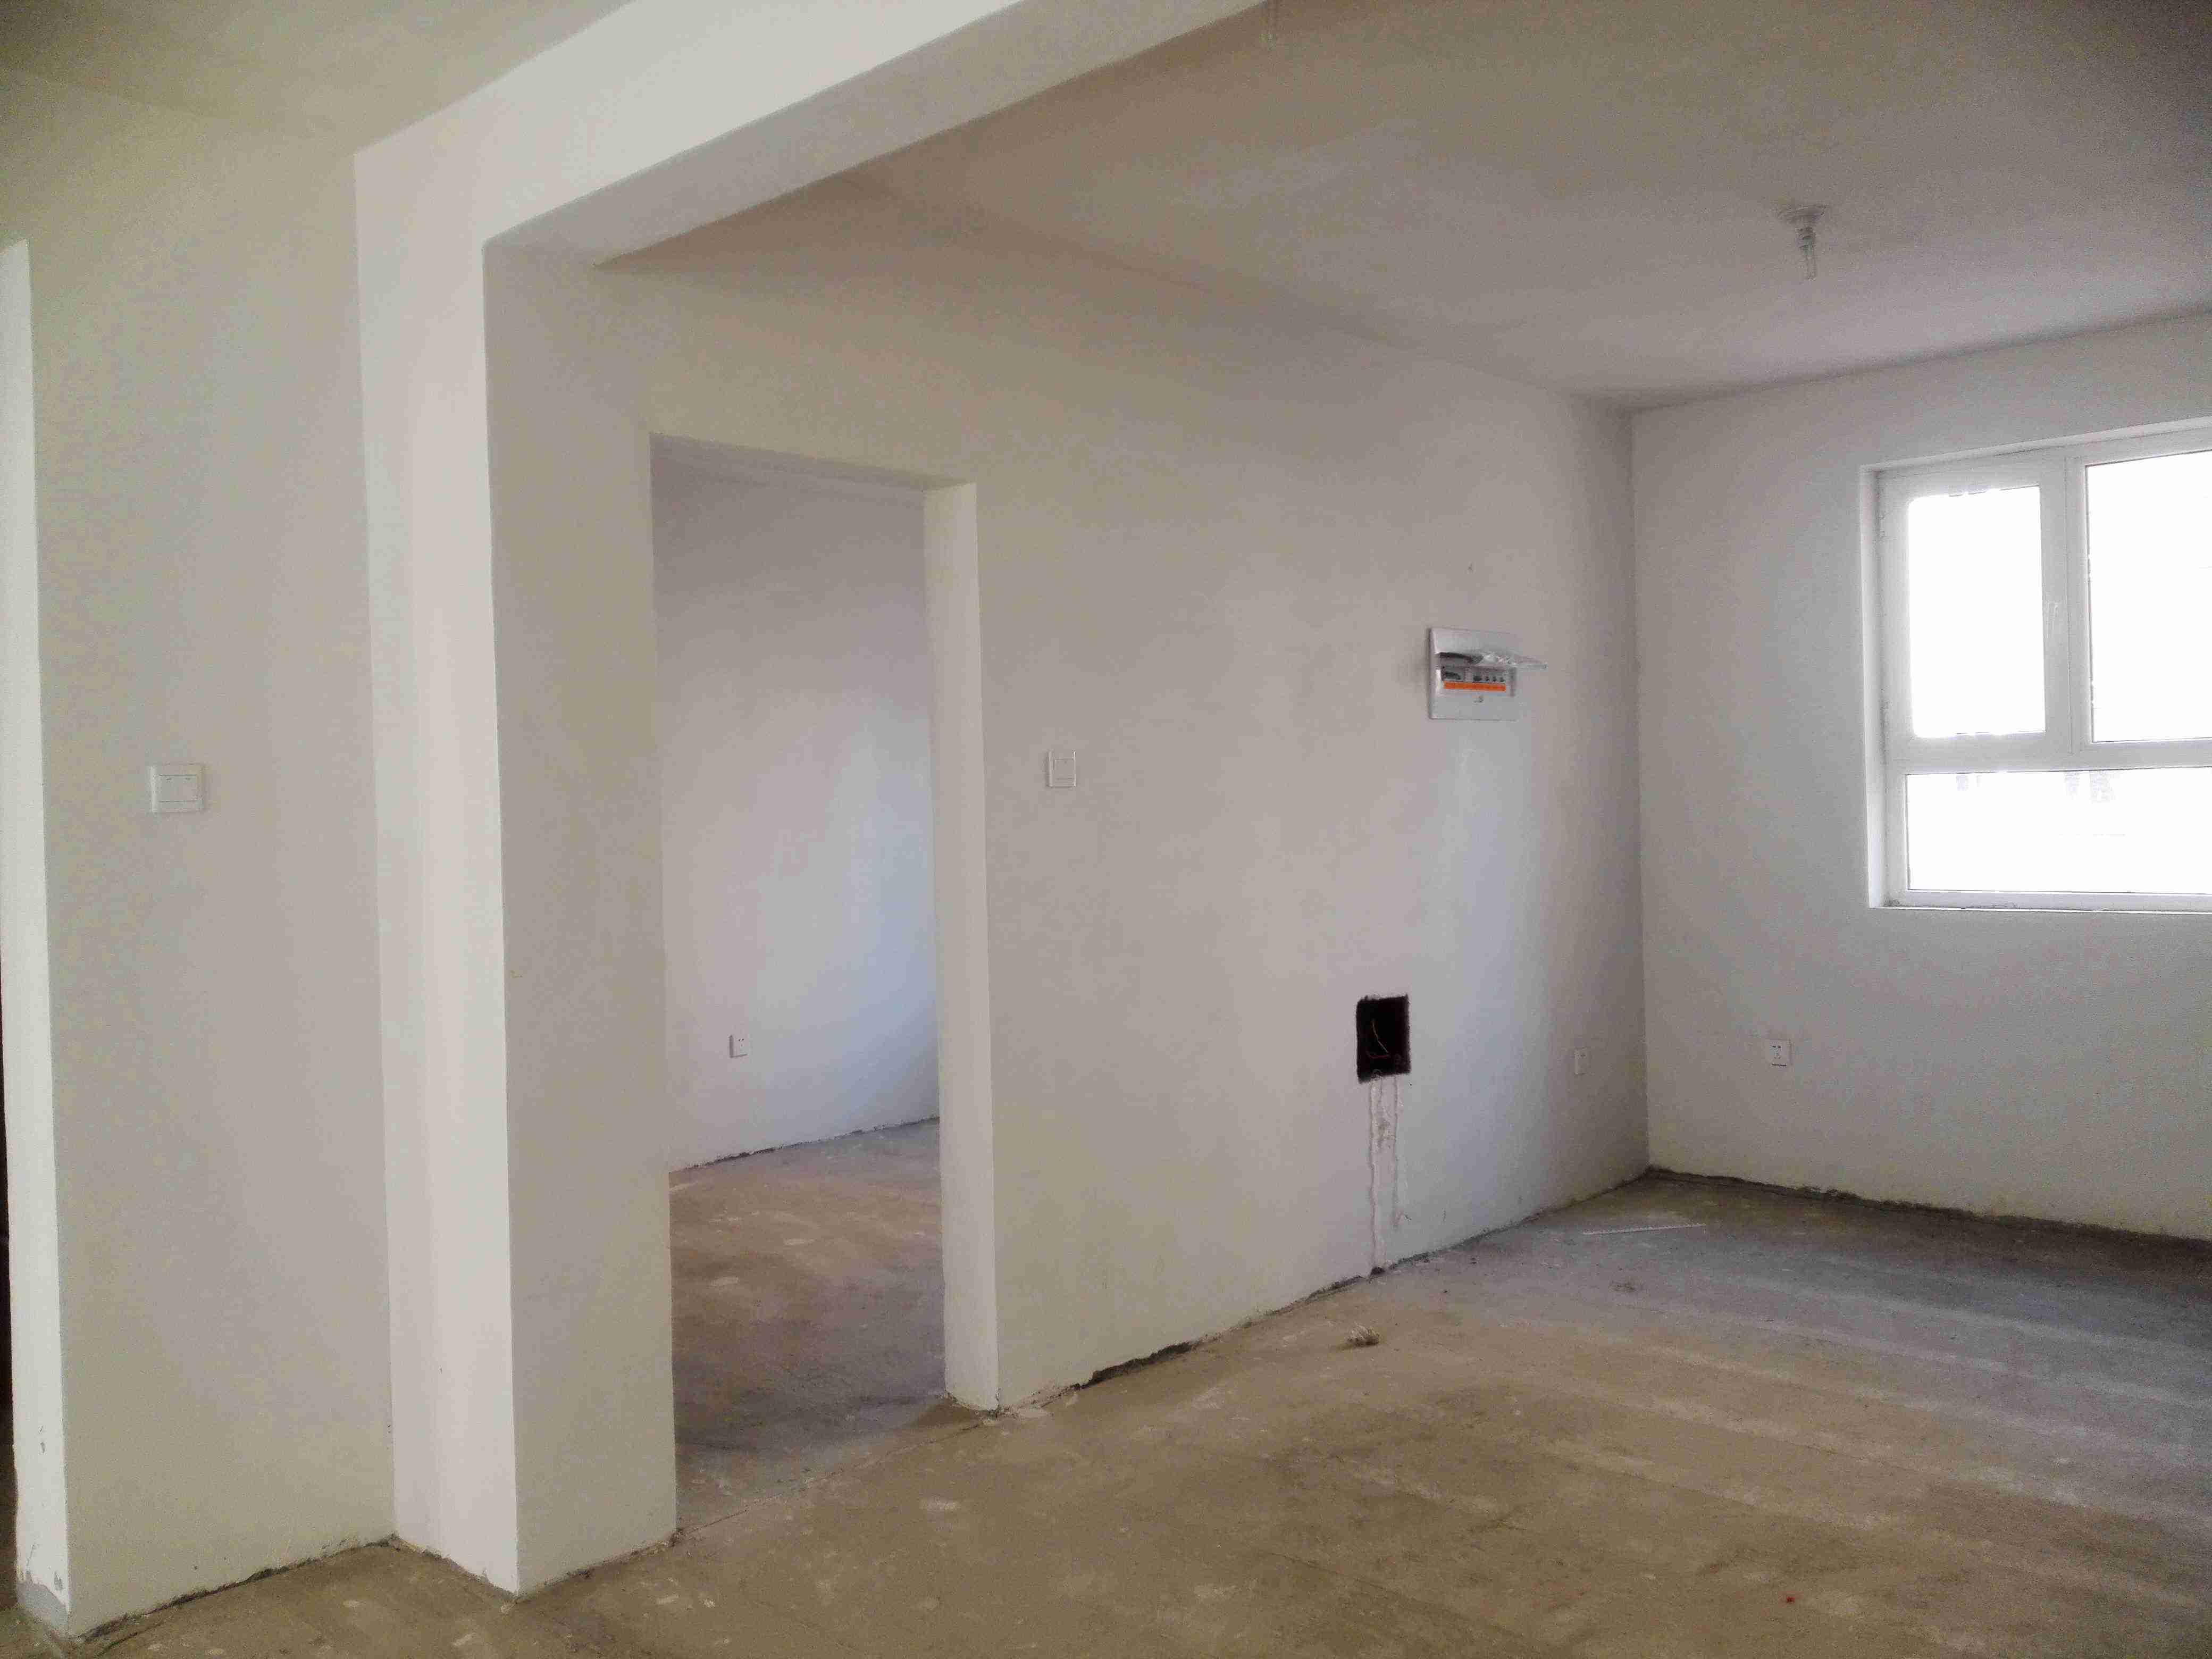 7米 客厅与餐厅之间有一道过梁30厘米高,吊顶如何处理房子不压抑?